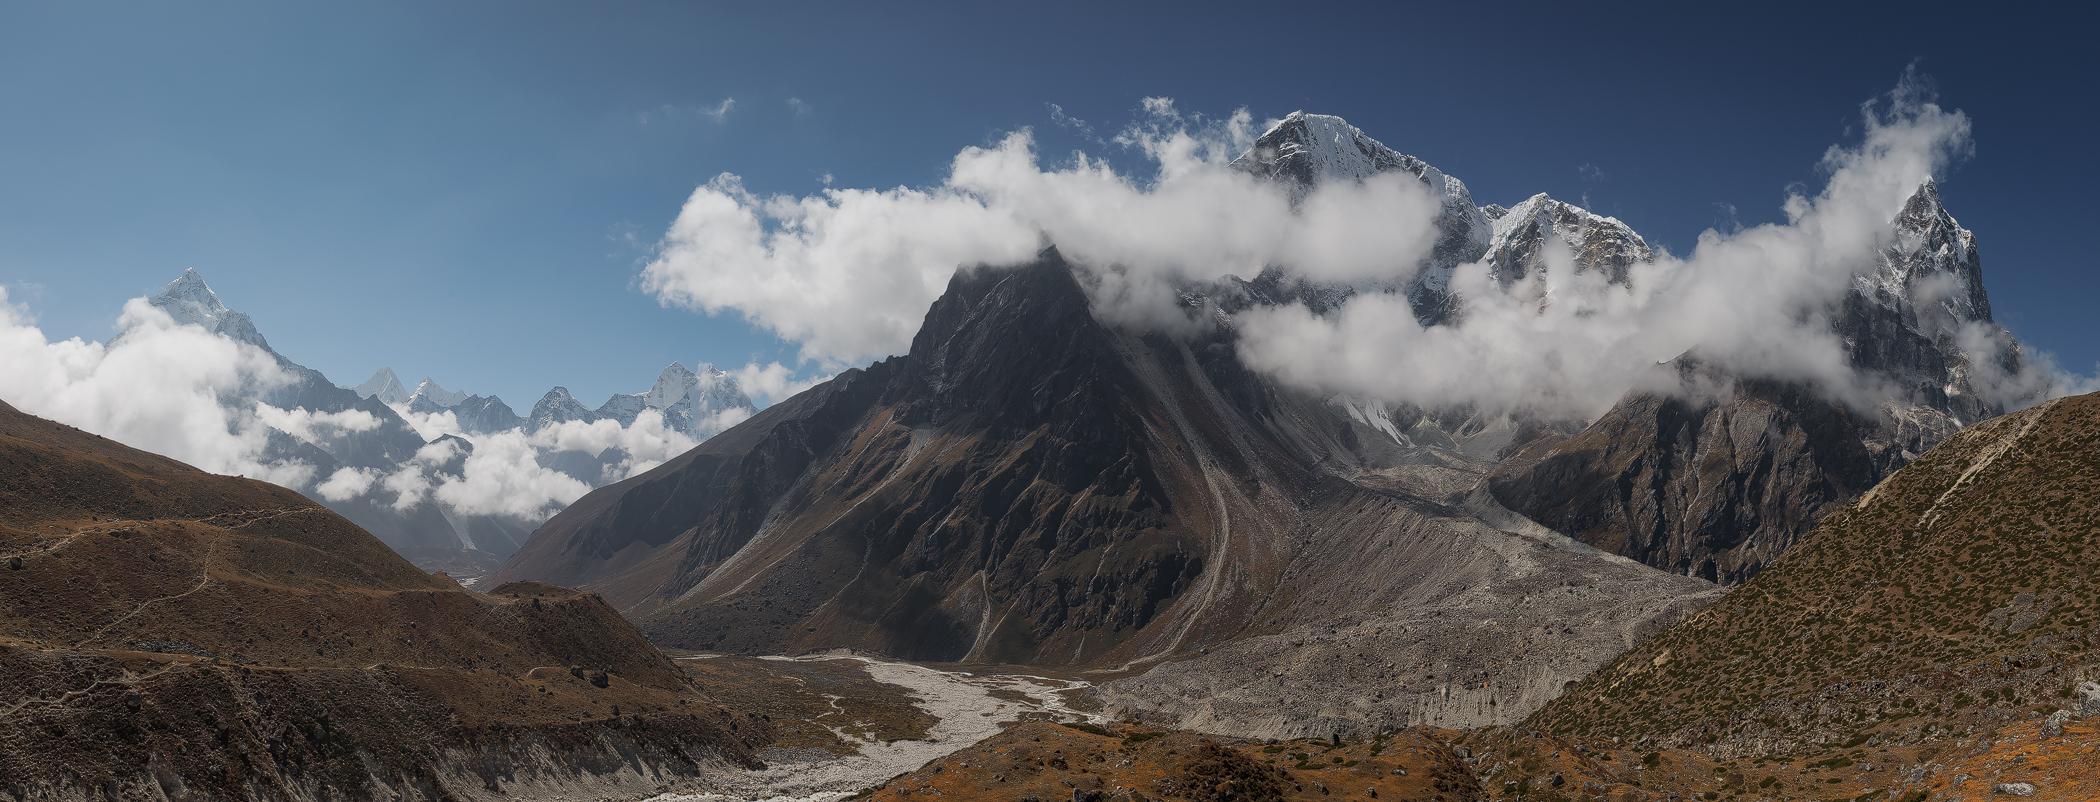 Valle del Khumbu - Nepal